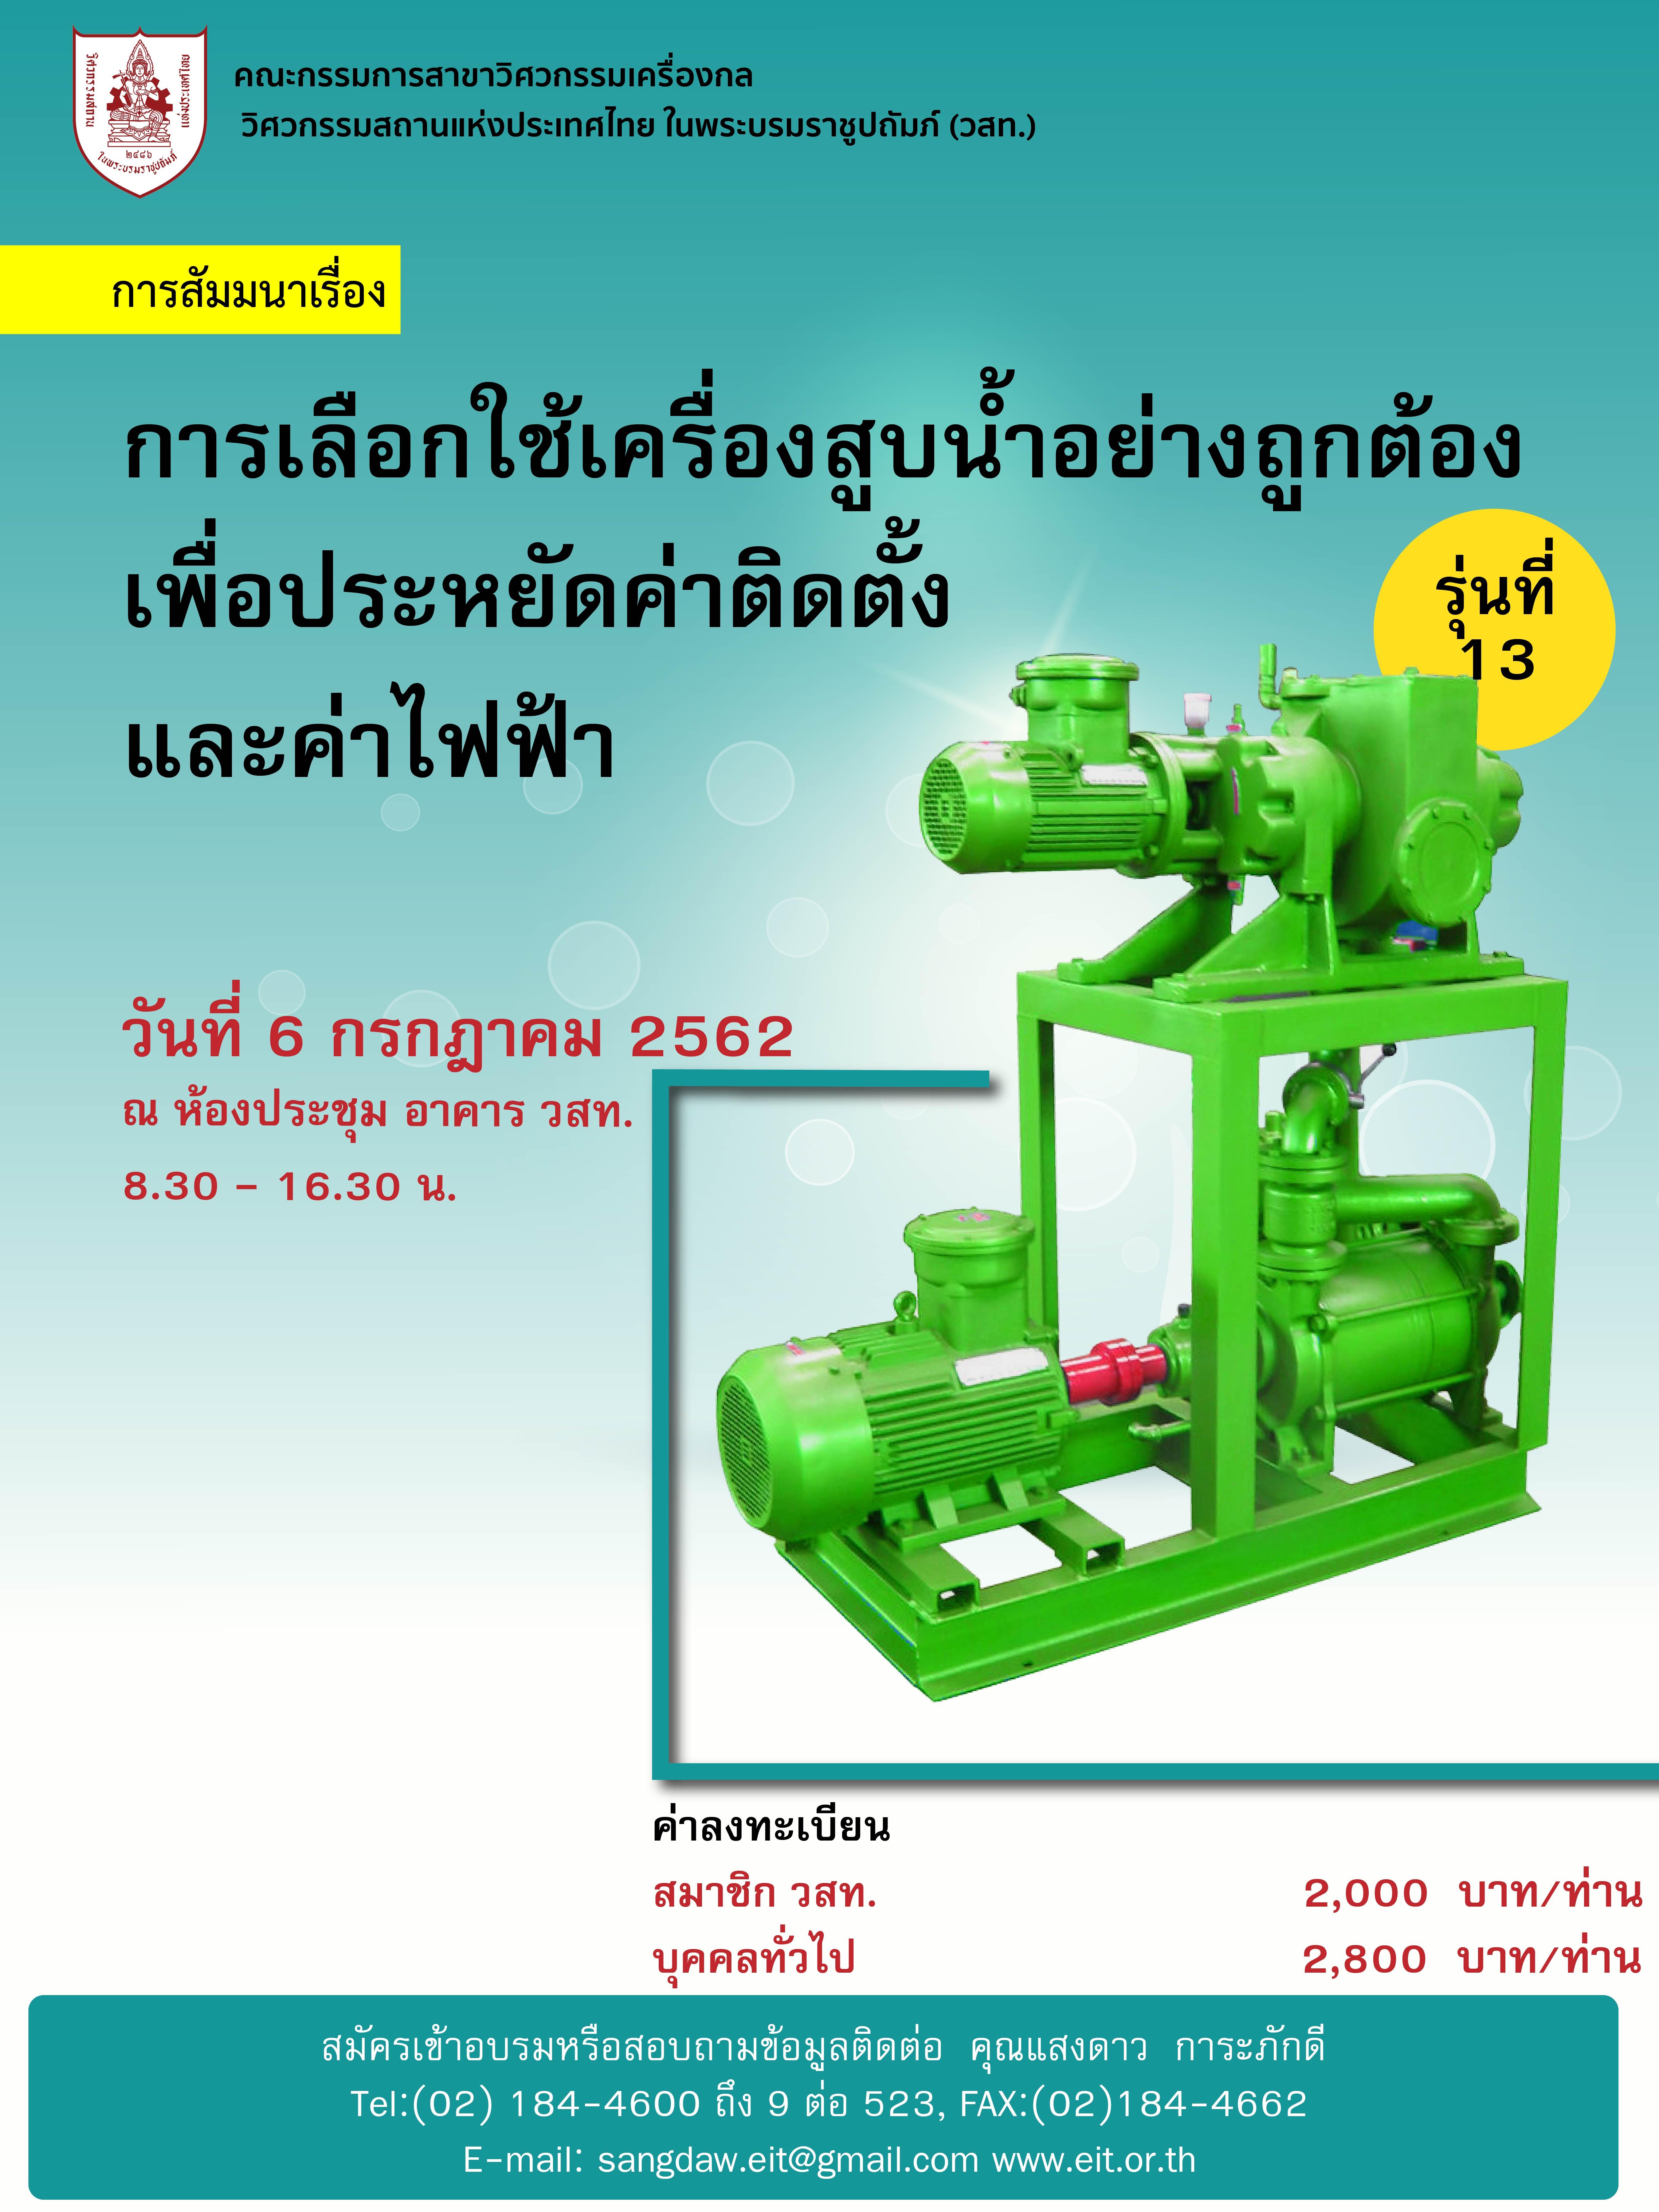 การเลือกใช้เครื่องสูบน้ำอย่างถูกต้อง เพื่อประหยัดค่าติดตั้งและค่าไฟฟ้า รุ่นที่  13